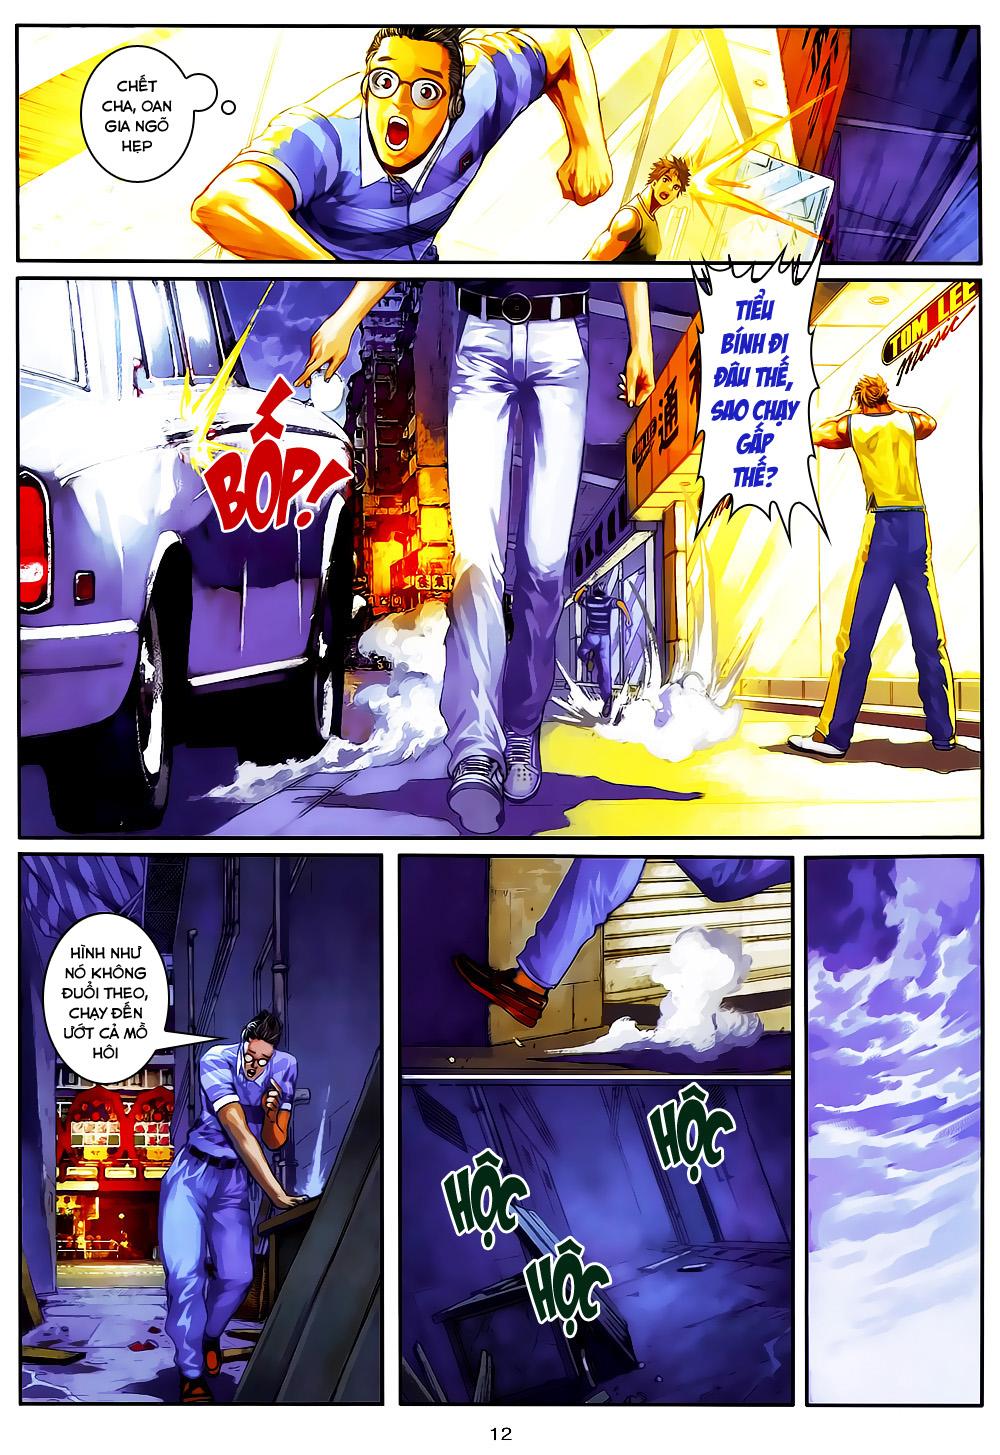 Quyền Đạo chapter 4 trang 12